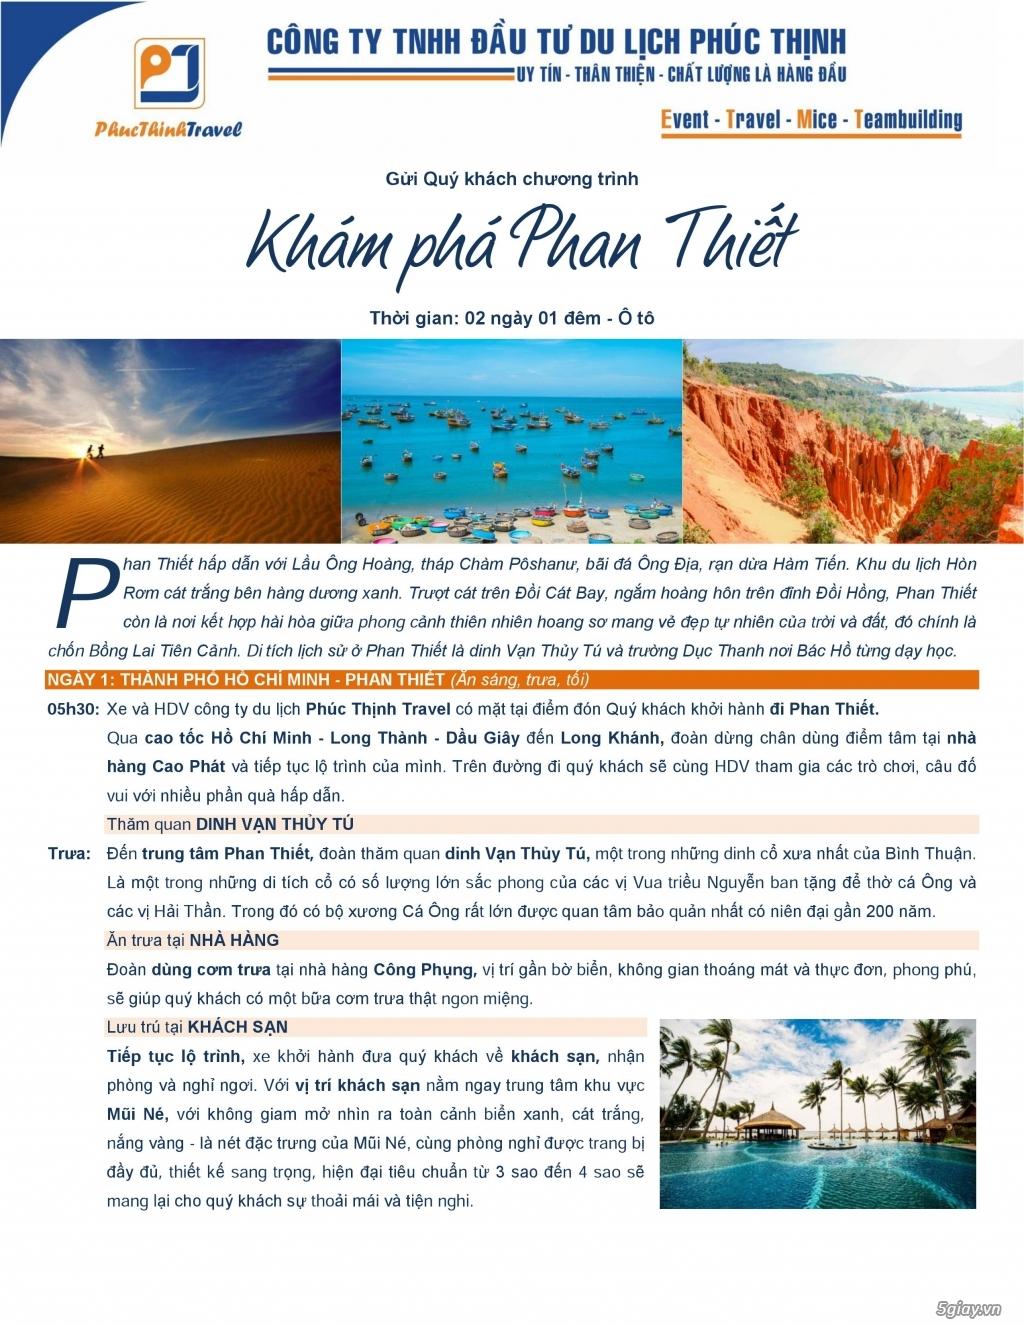 TOUR PHAN THIẾT 4 SAO MƯỜNG THANH PHAN MŨI NÉ - 13